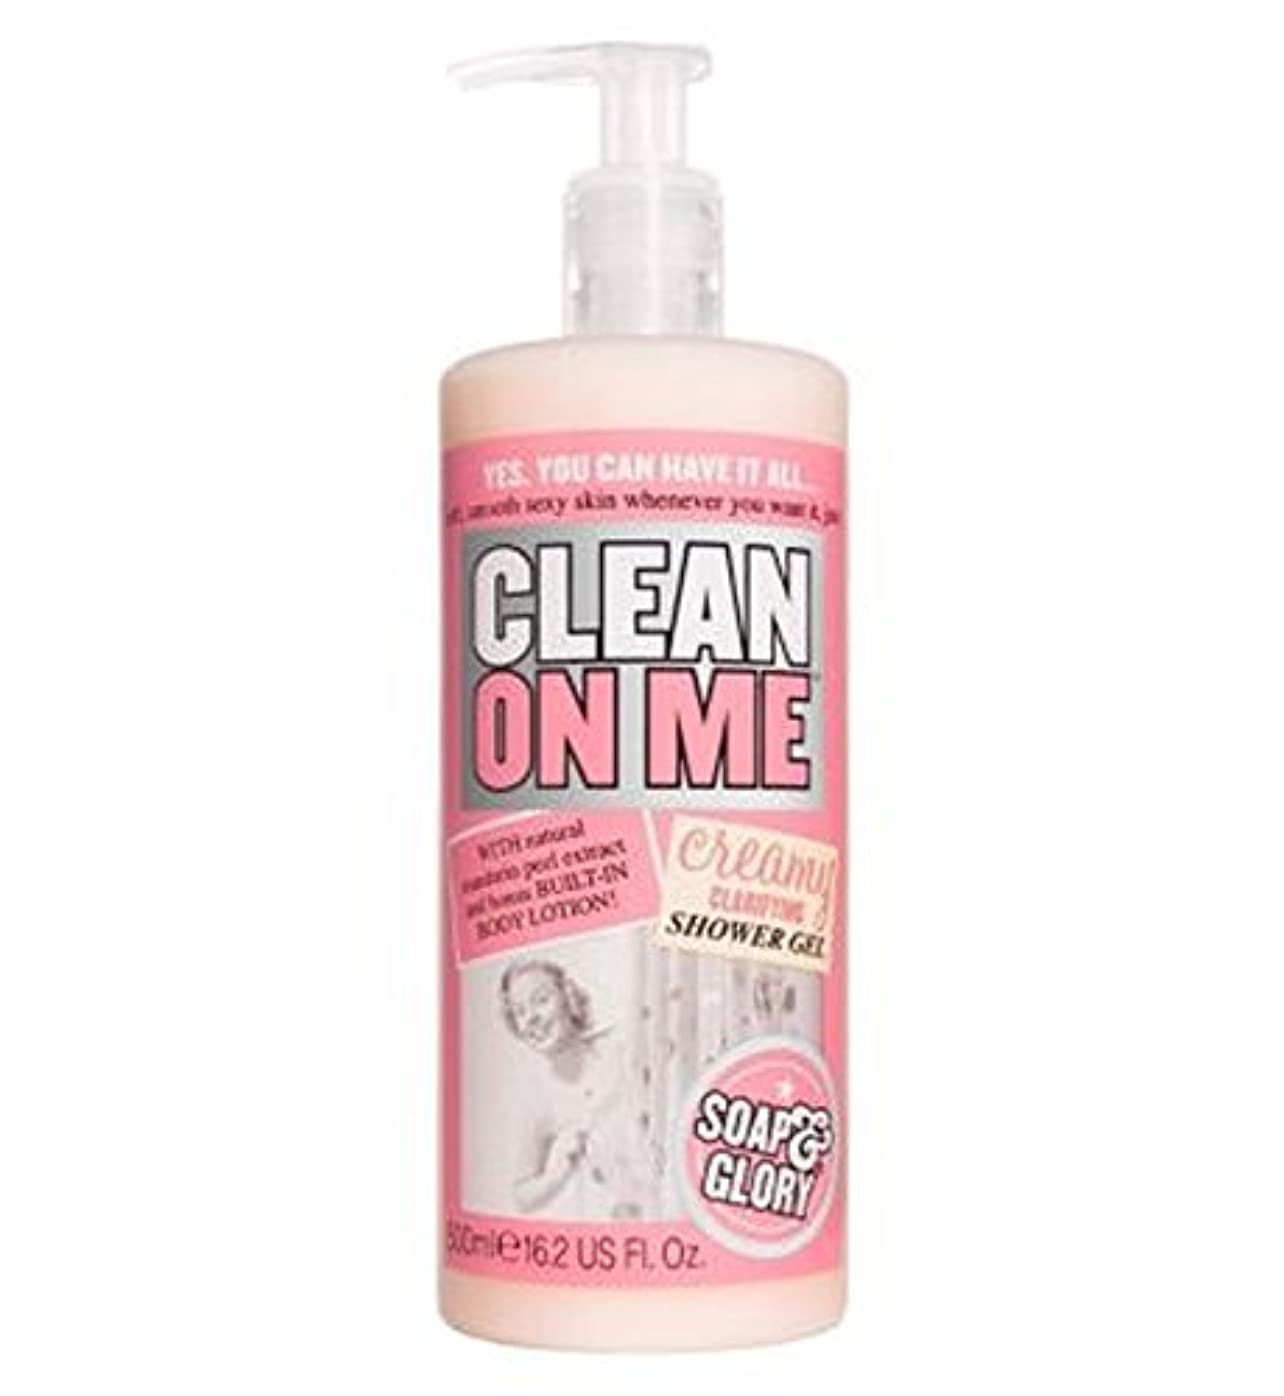 状況バーターアラートSoap & Glory Clean On Me Creamy Clarifying Shower Gel 500ml - 私にきれいな石鹸&栄光はシャワージェル500ミリリットルを明確にクリーミー (Soap & Glory...